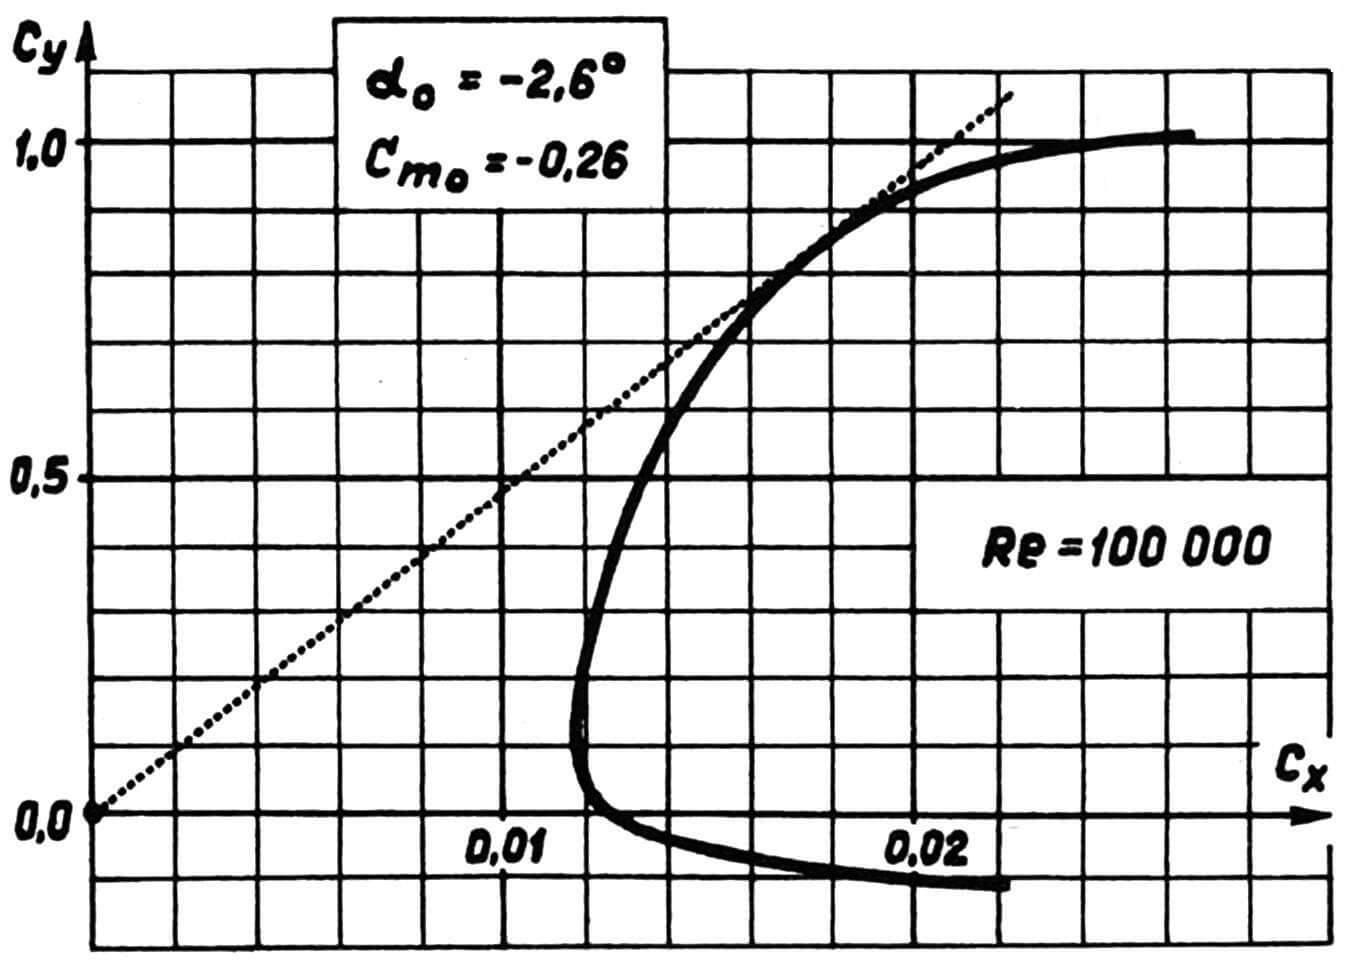 Рис. 2. Предполагаемые аэродинамические характеристики профиля ЕБ-380 (зависимость коэффициента подъемной силы от коэффициента профильного сопротивления — поляра профиля).